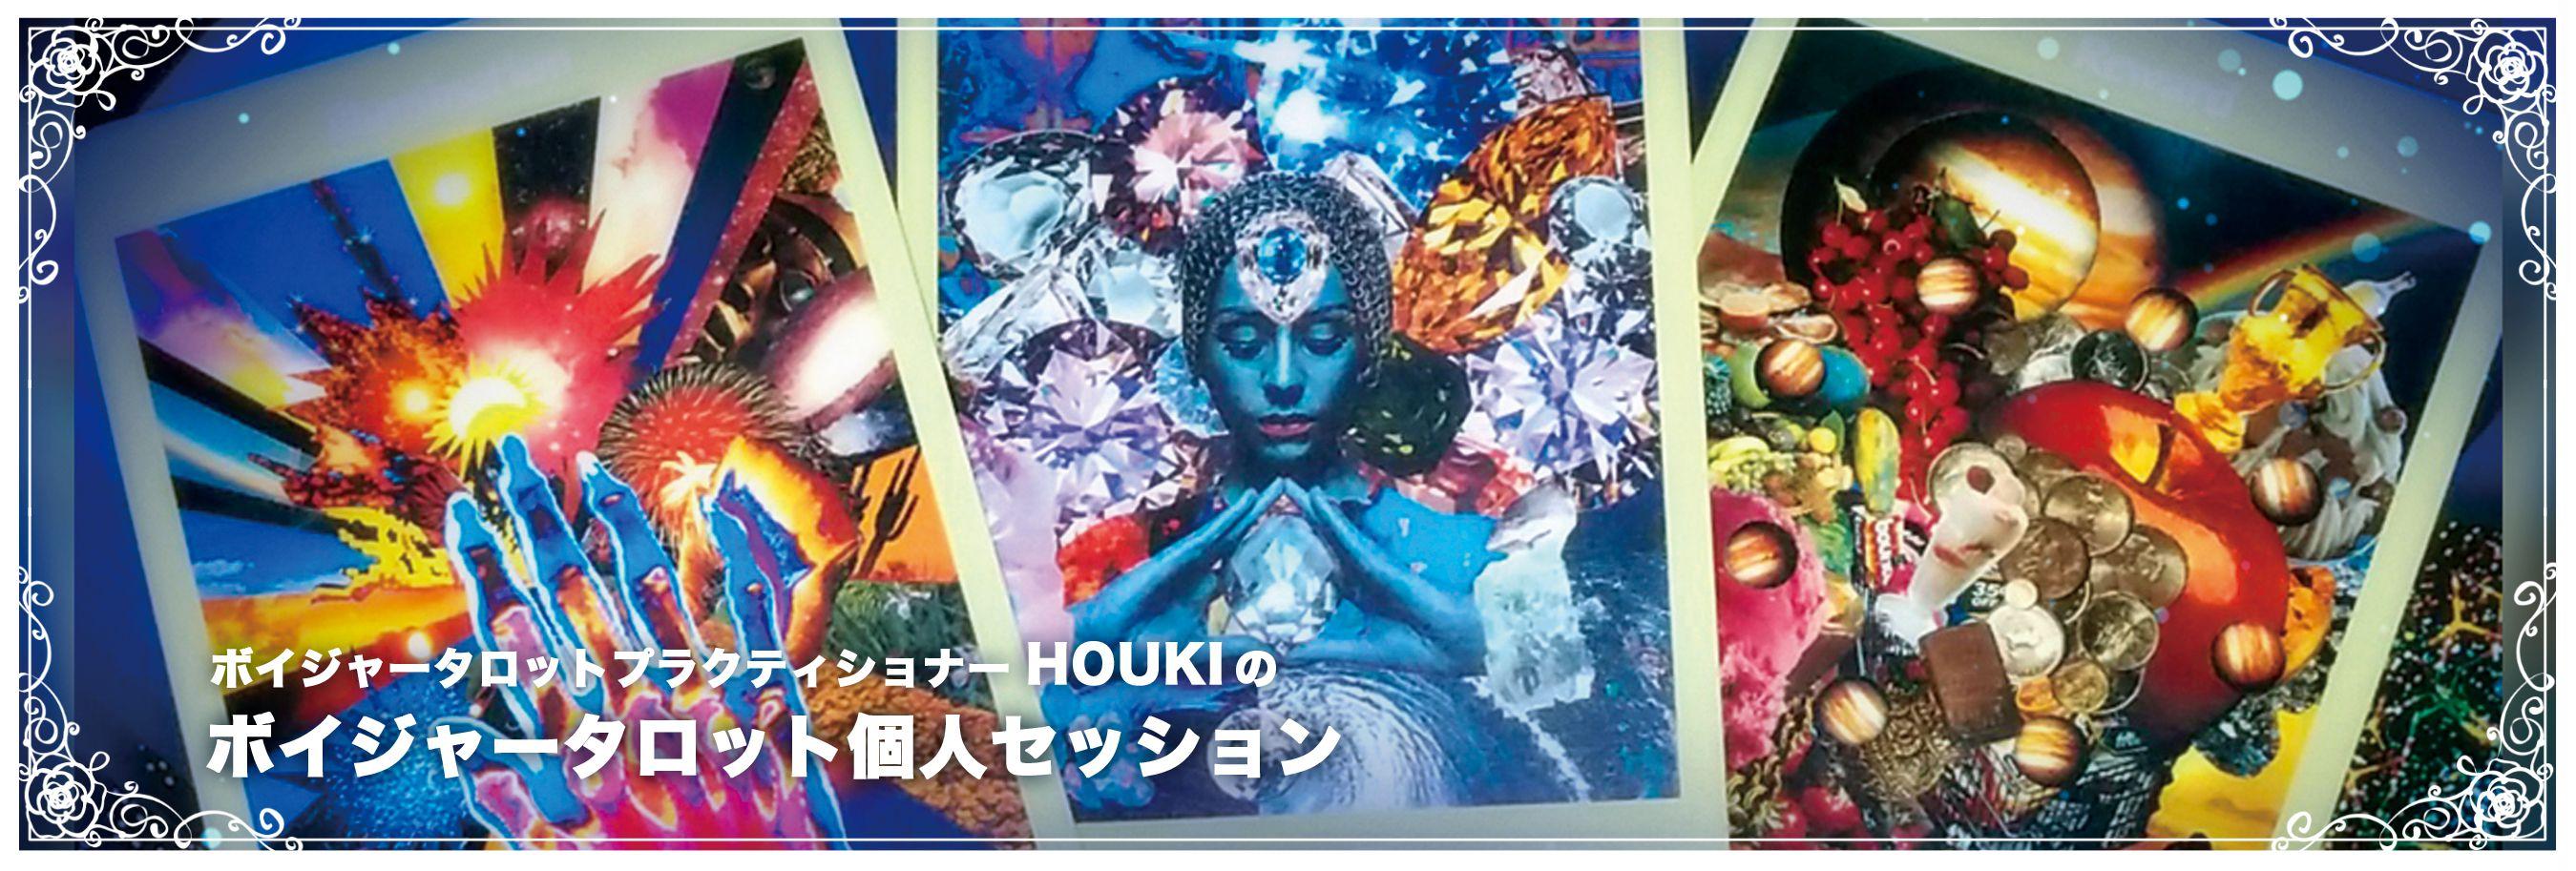 ハンドメイド雑貨・アート作品のHOUKIアート